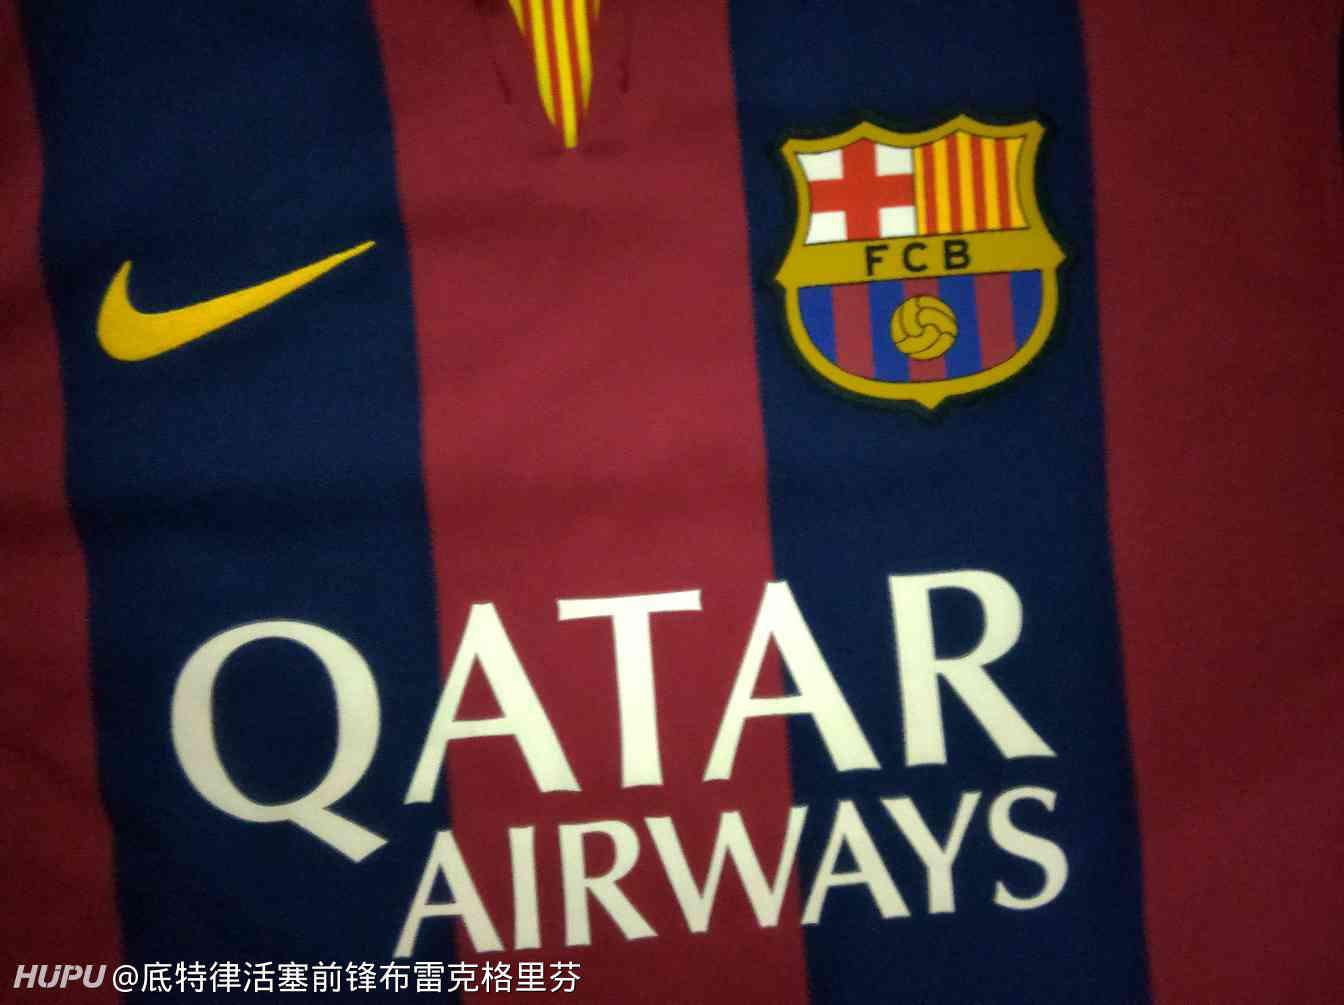 收到巴萨专区球迷送的梅西球衣一件了~  足球话题区